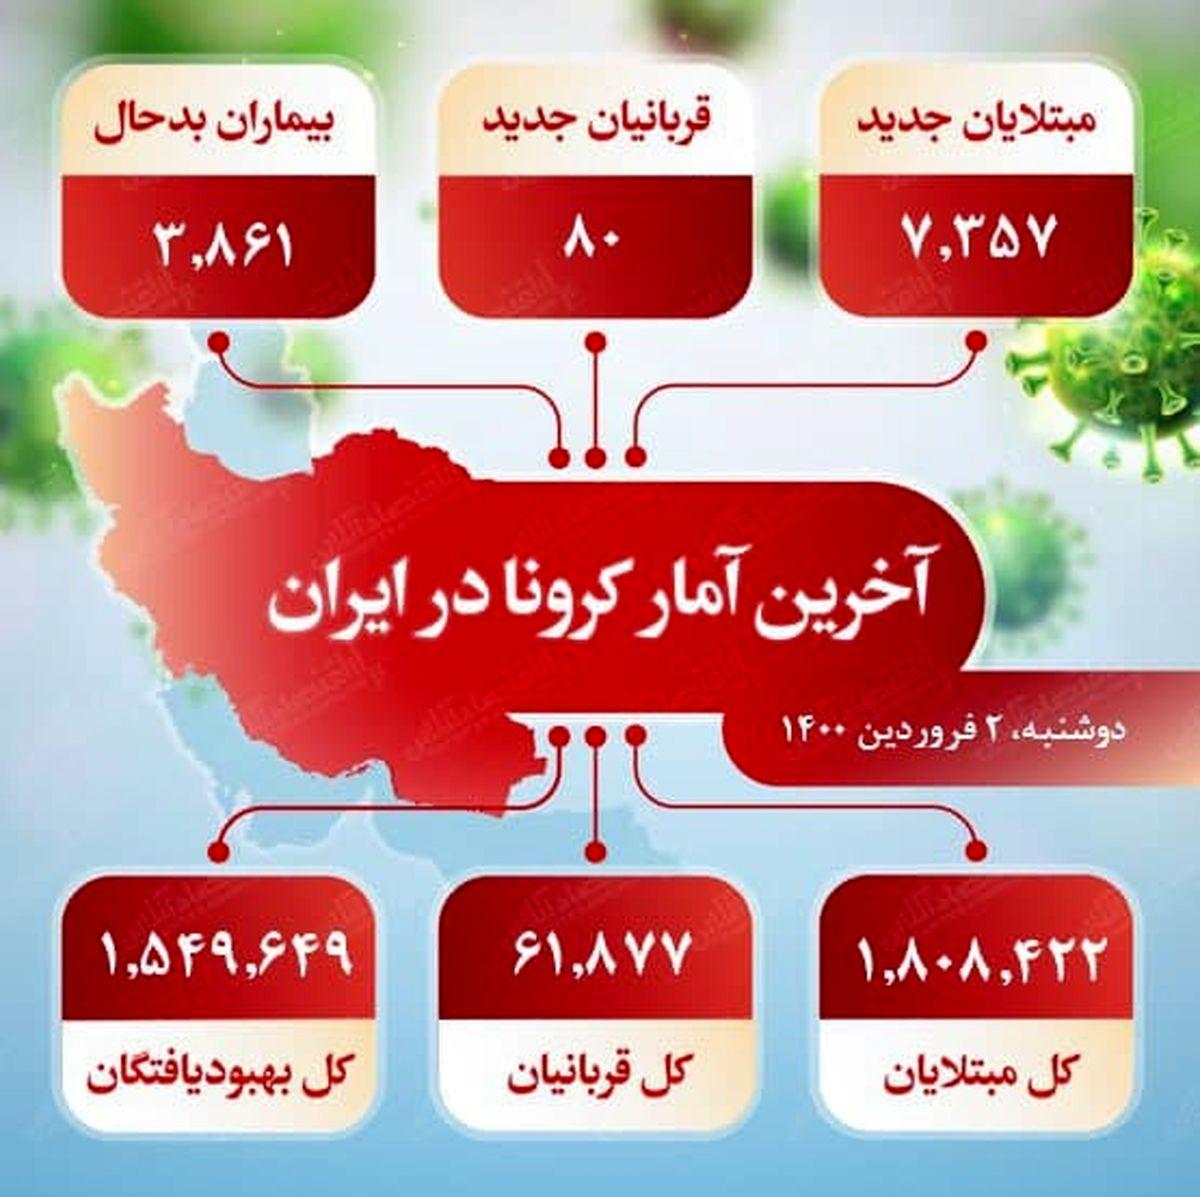 آخرین آمار کرونا در ایران (۱۴۰۰/۱/۲)